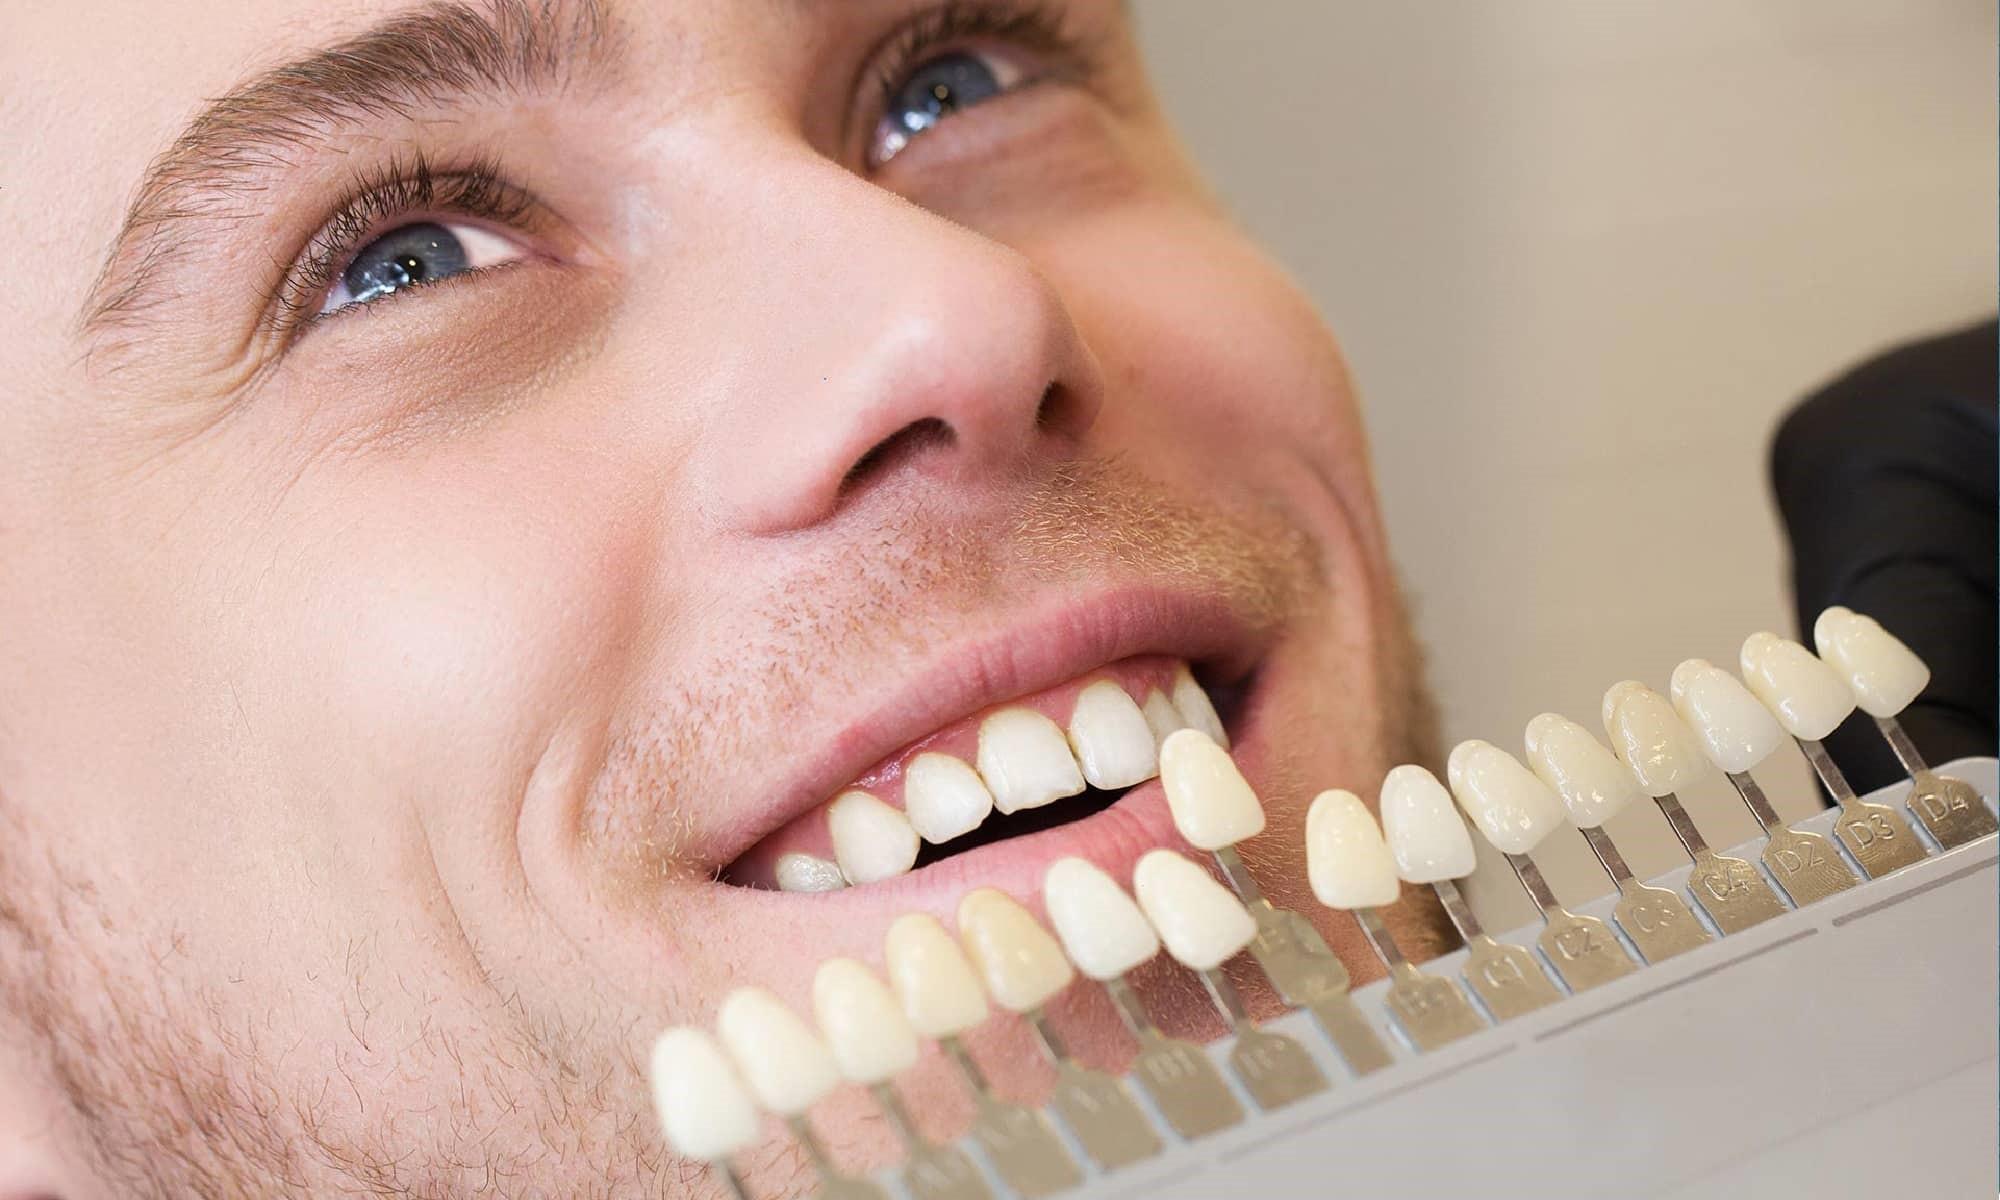 هزینه لمینت دندان چقدر است؟ مقایسه قیمت لمینت و قیمت کامپوزیت دندان